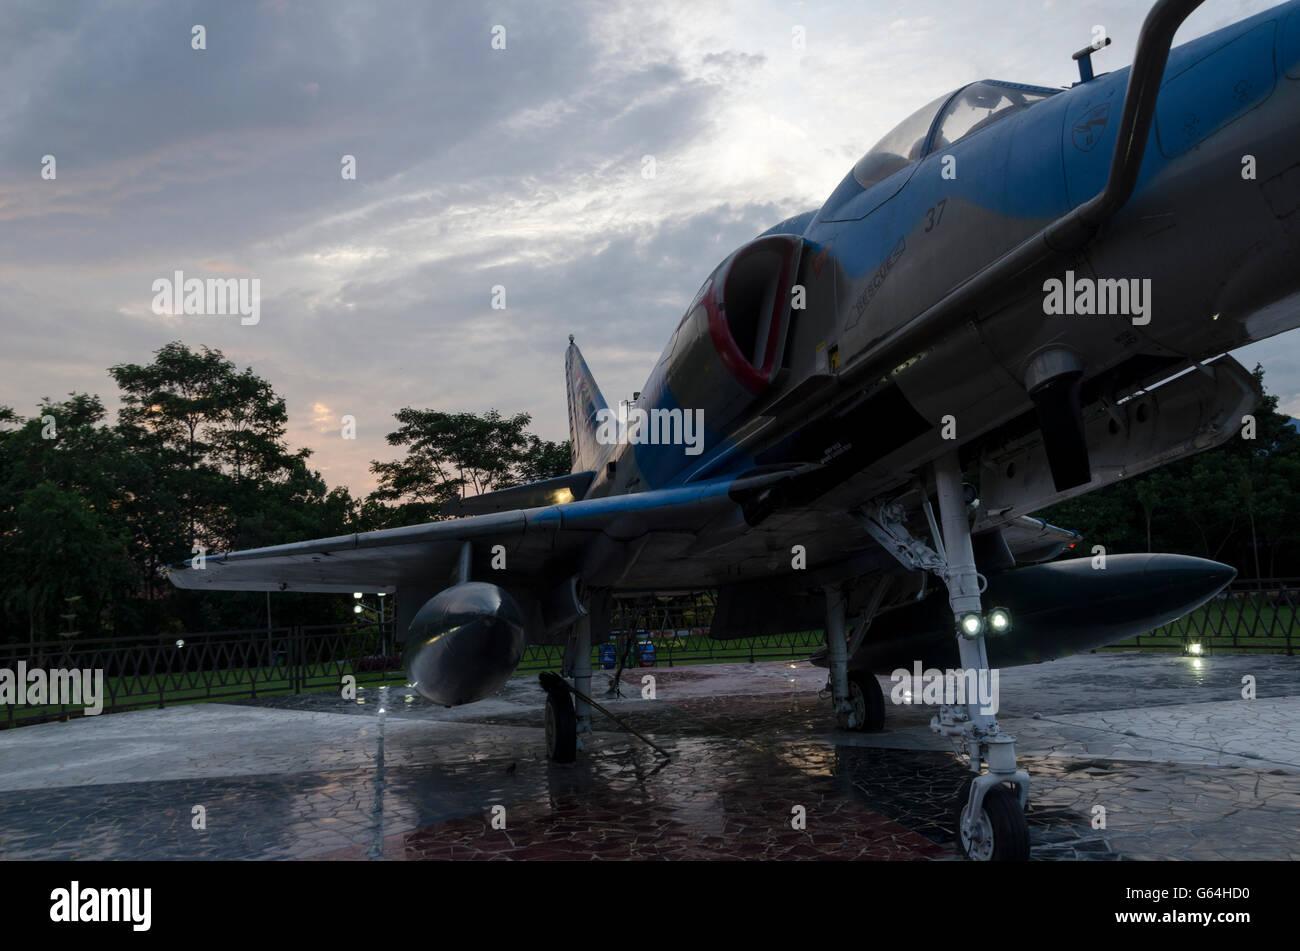 Batik - parcs Majalengka Dirgantara park est situé dans le centre de Majalengka, dans le jardin il y a un jet Photo Stock